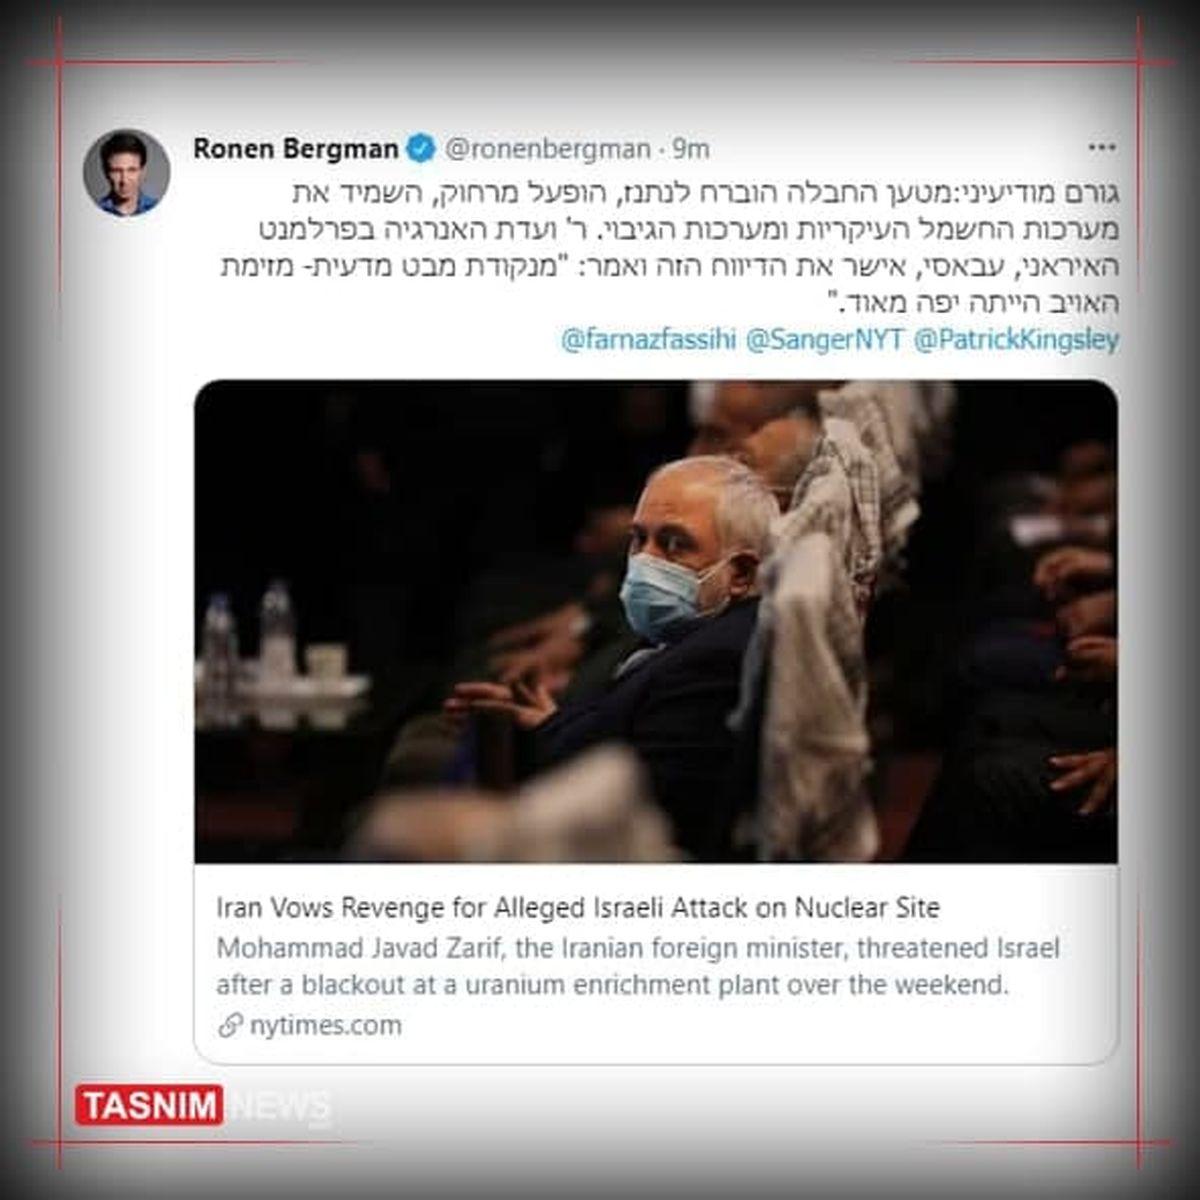 ادعای خبرنگار اسرائیلی درباره نحوه ورود دستگاه انفجاری نطنز به ایران